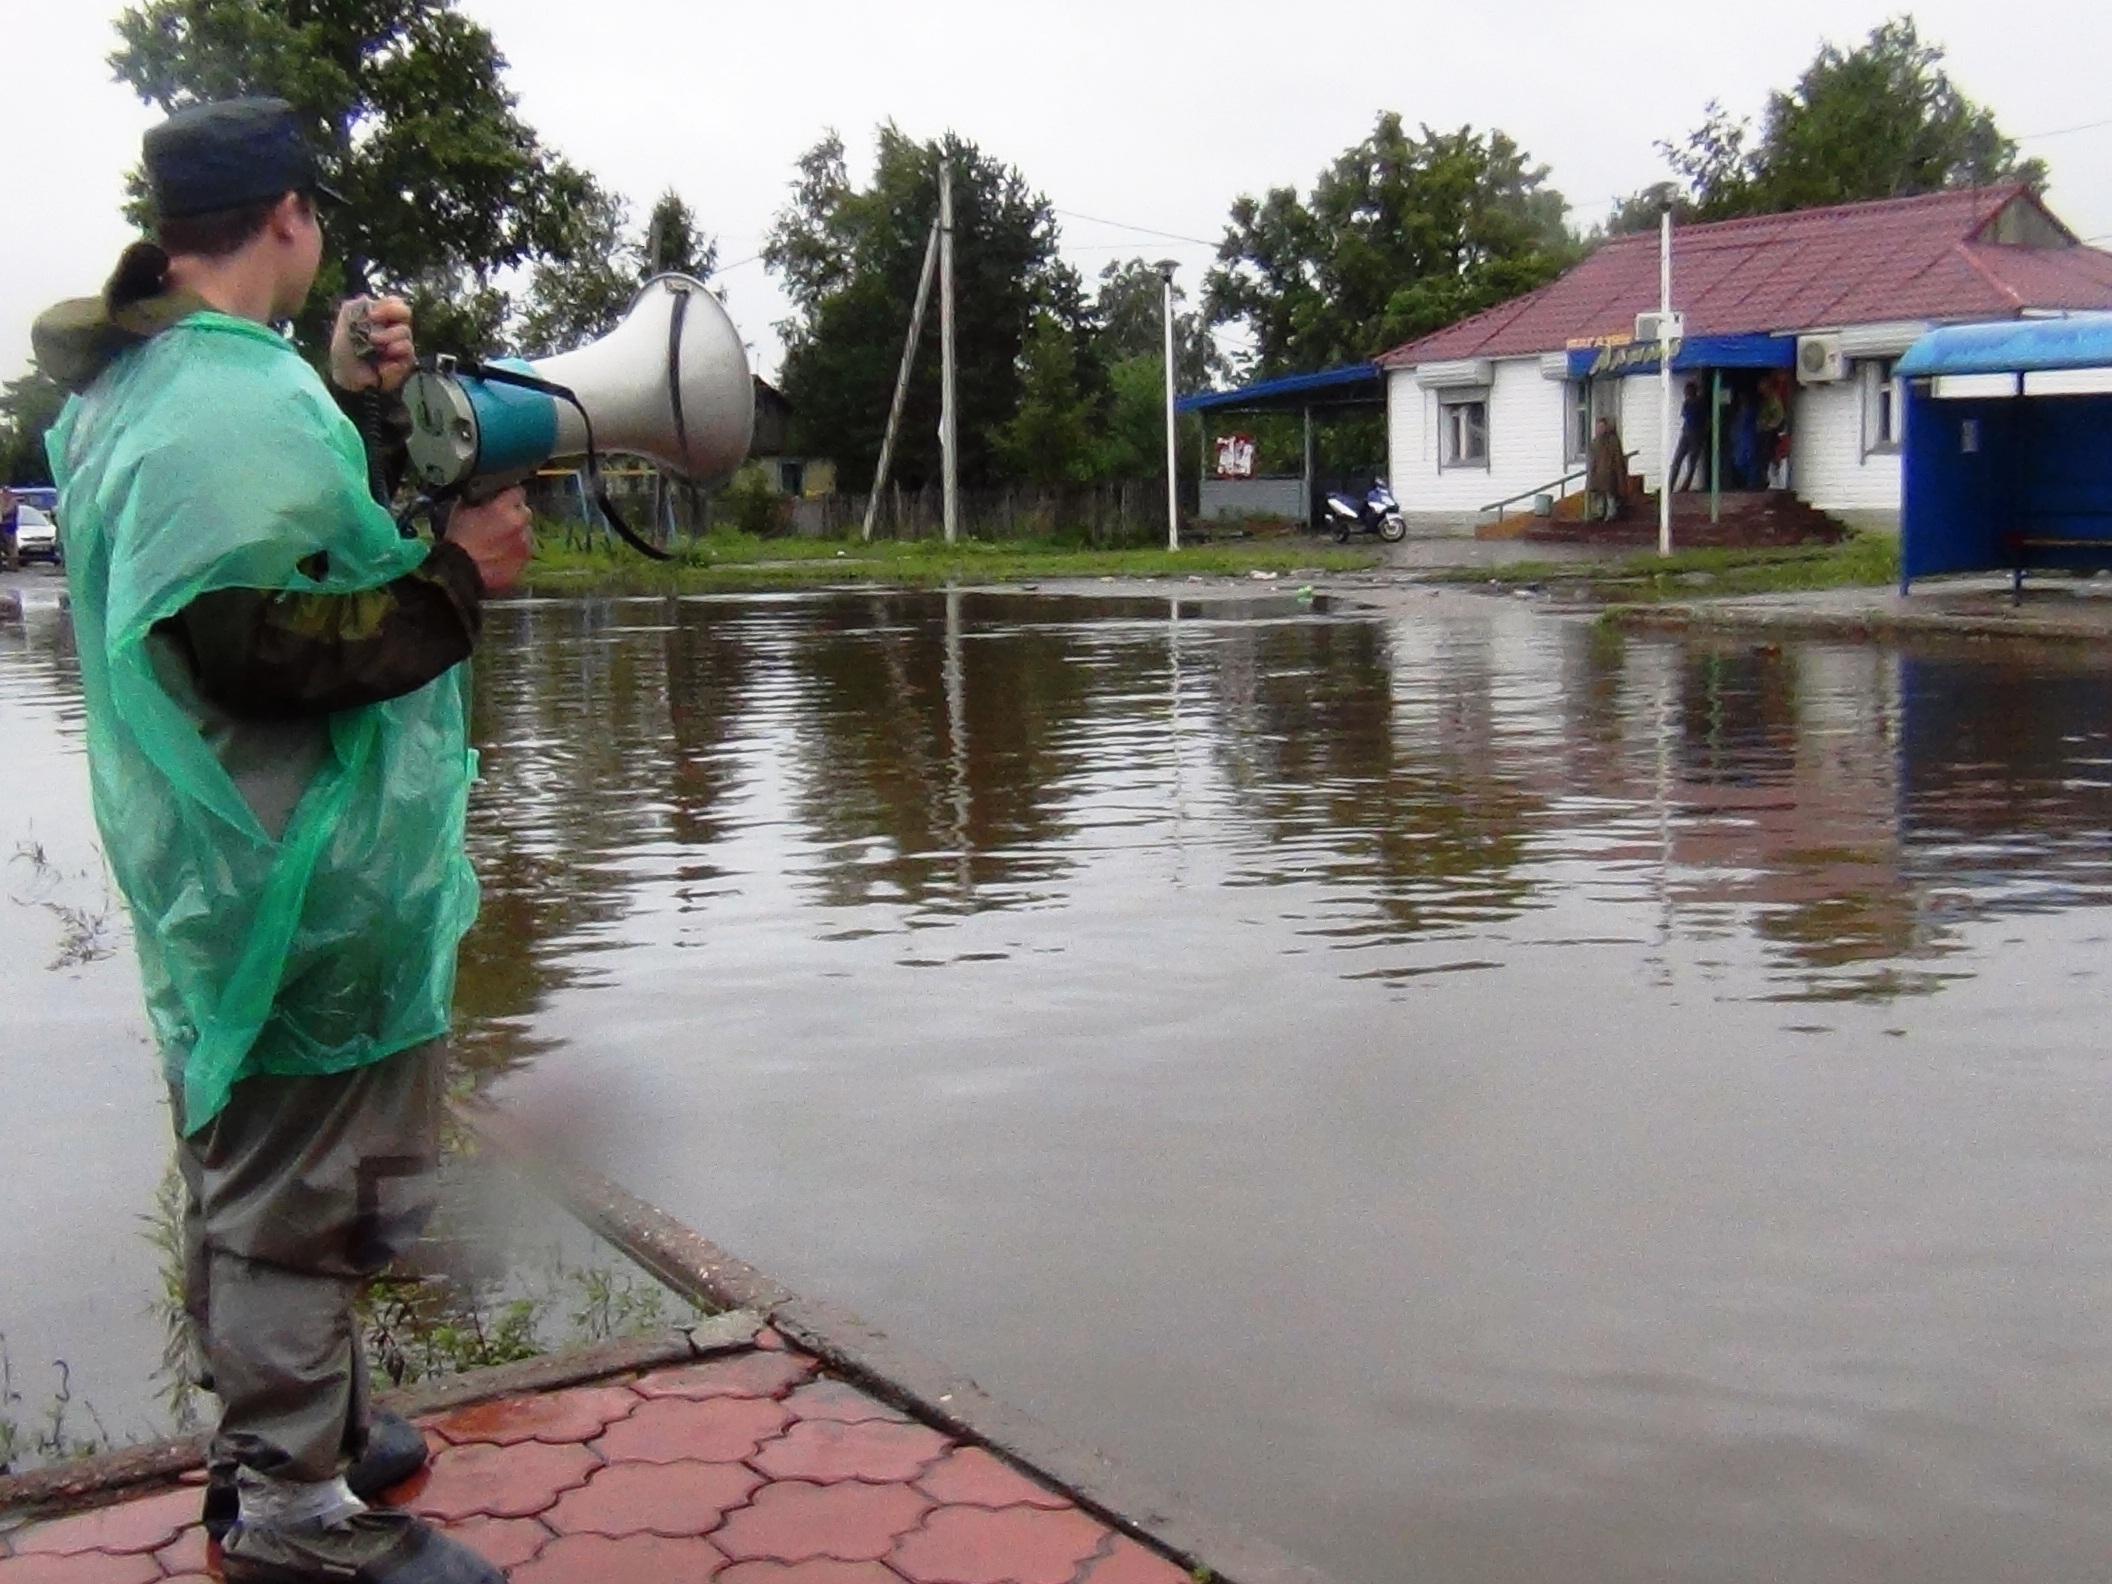 Спасатели просят жителей подтопленных домов эвакуироваться